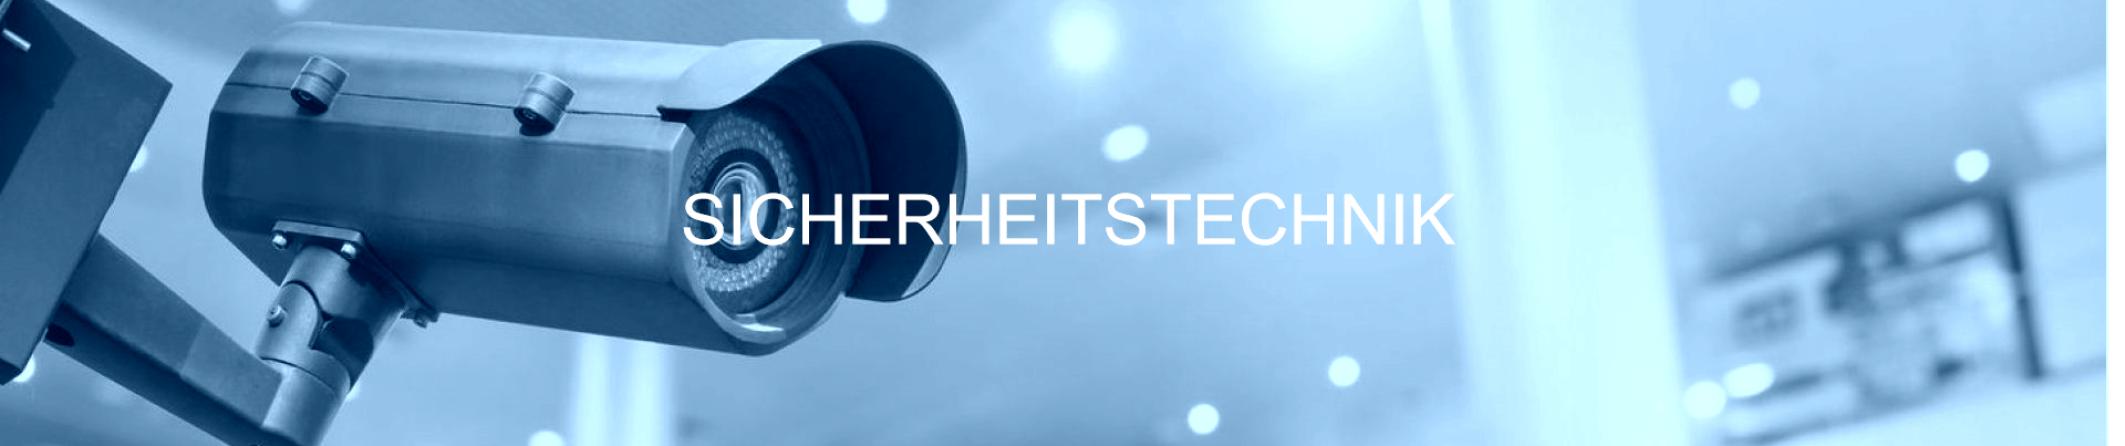 Sicherheitstechnik, Videoüberwachung, Einbruchschutz